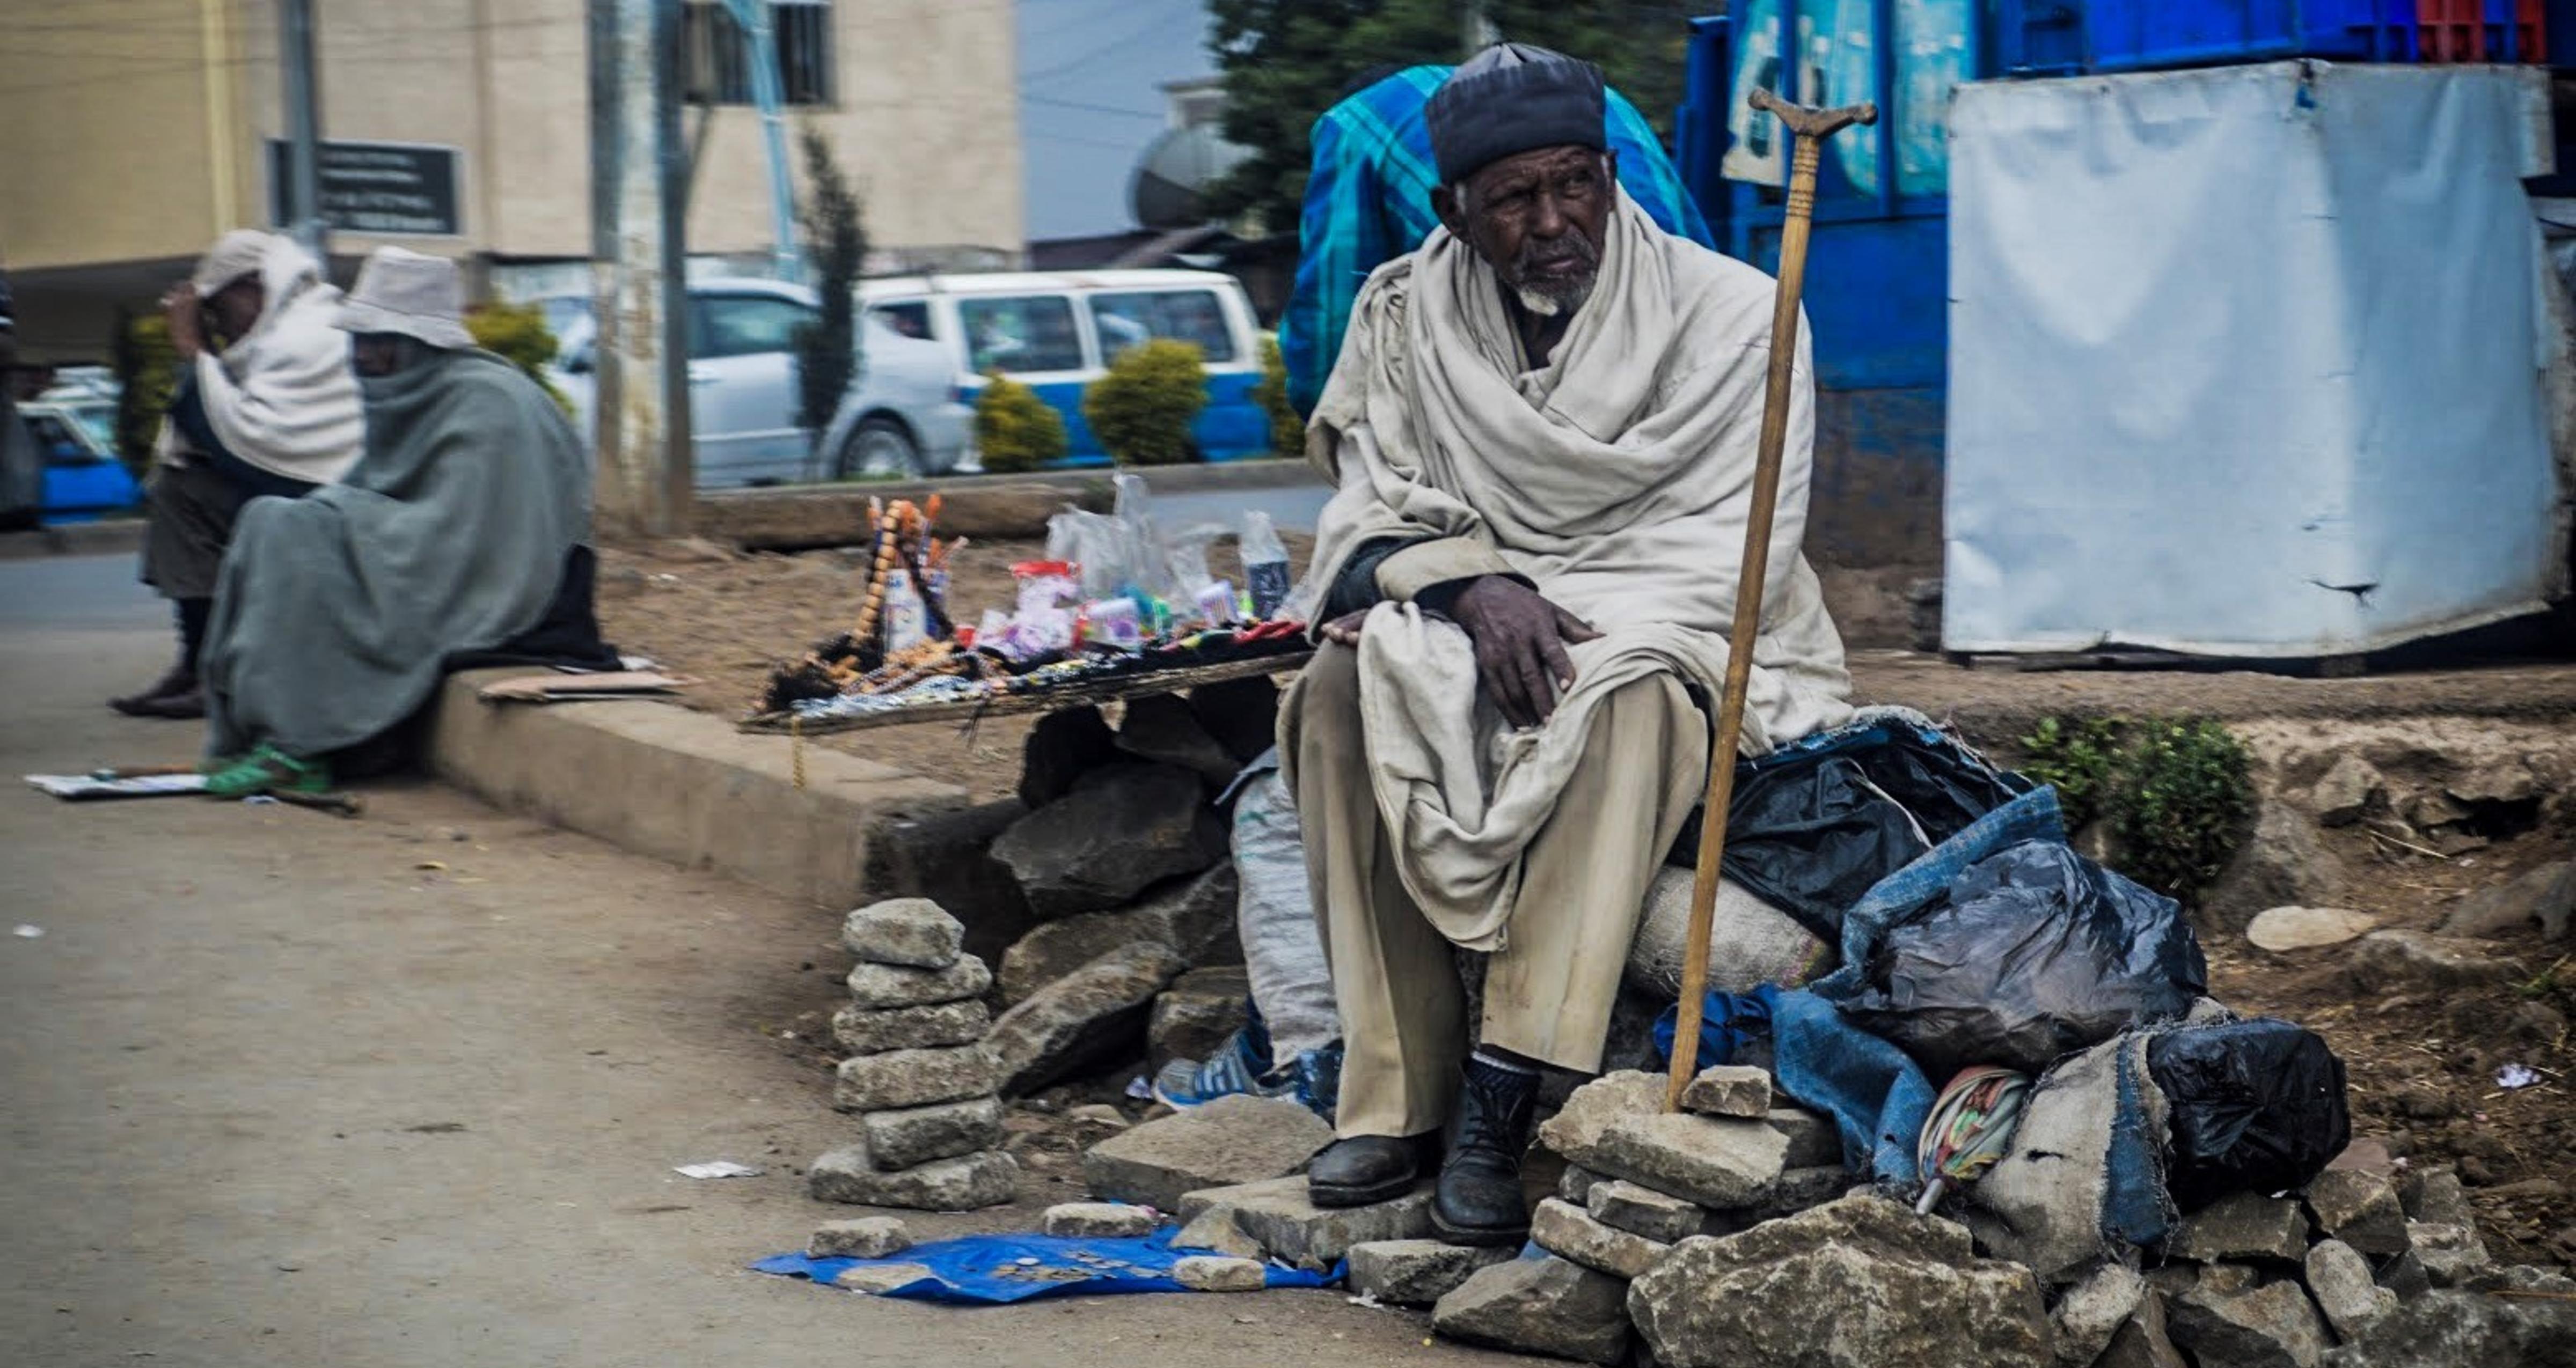 man on the street, Addis Ababa, Ethiopia